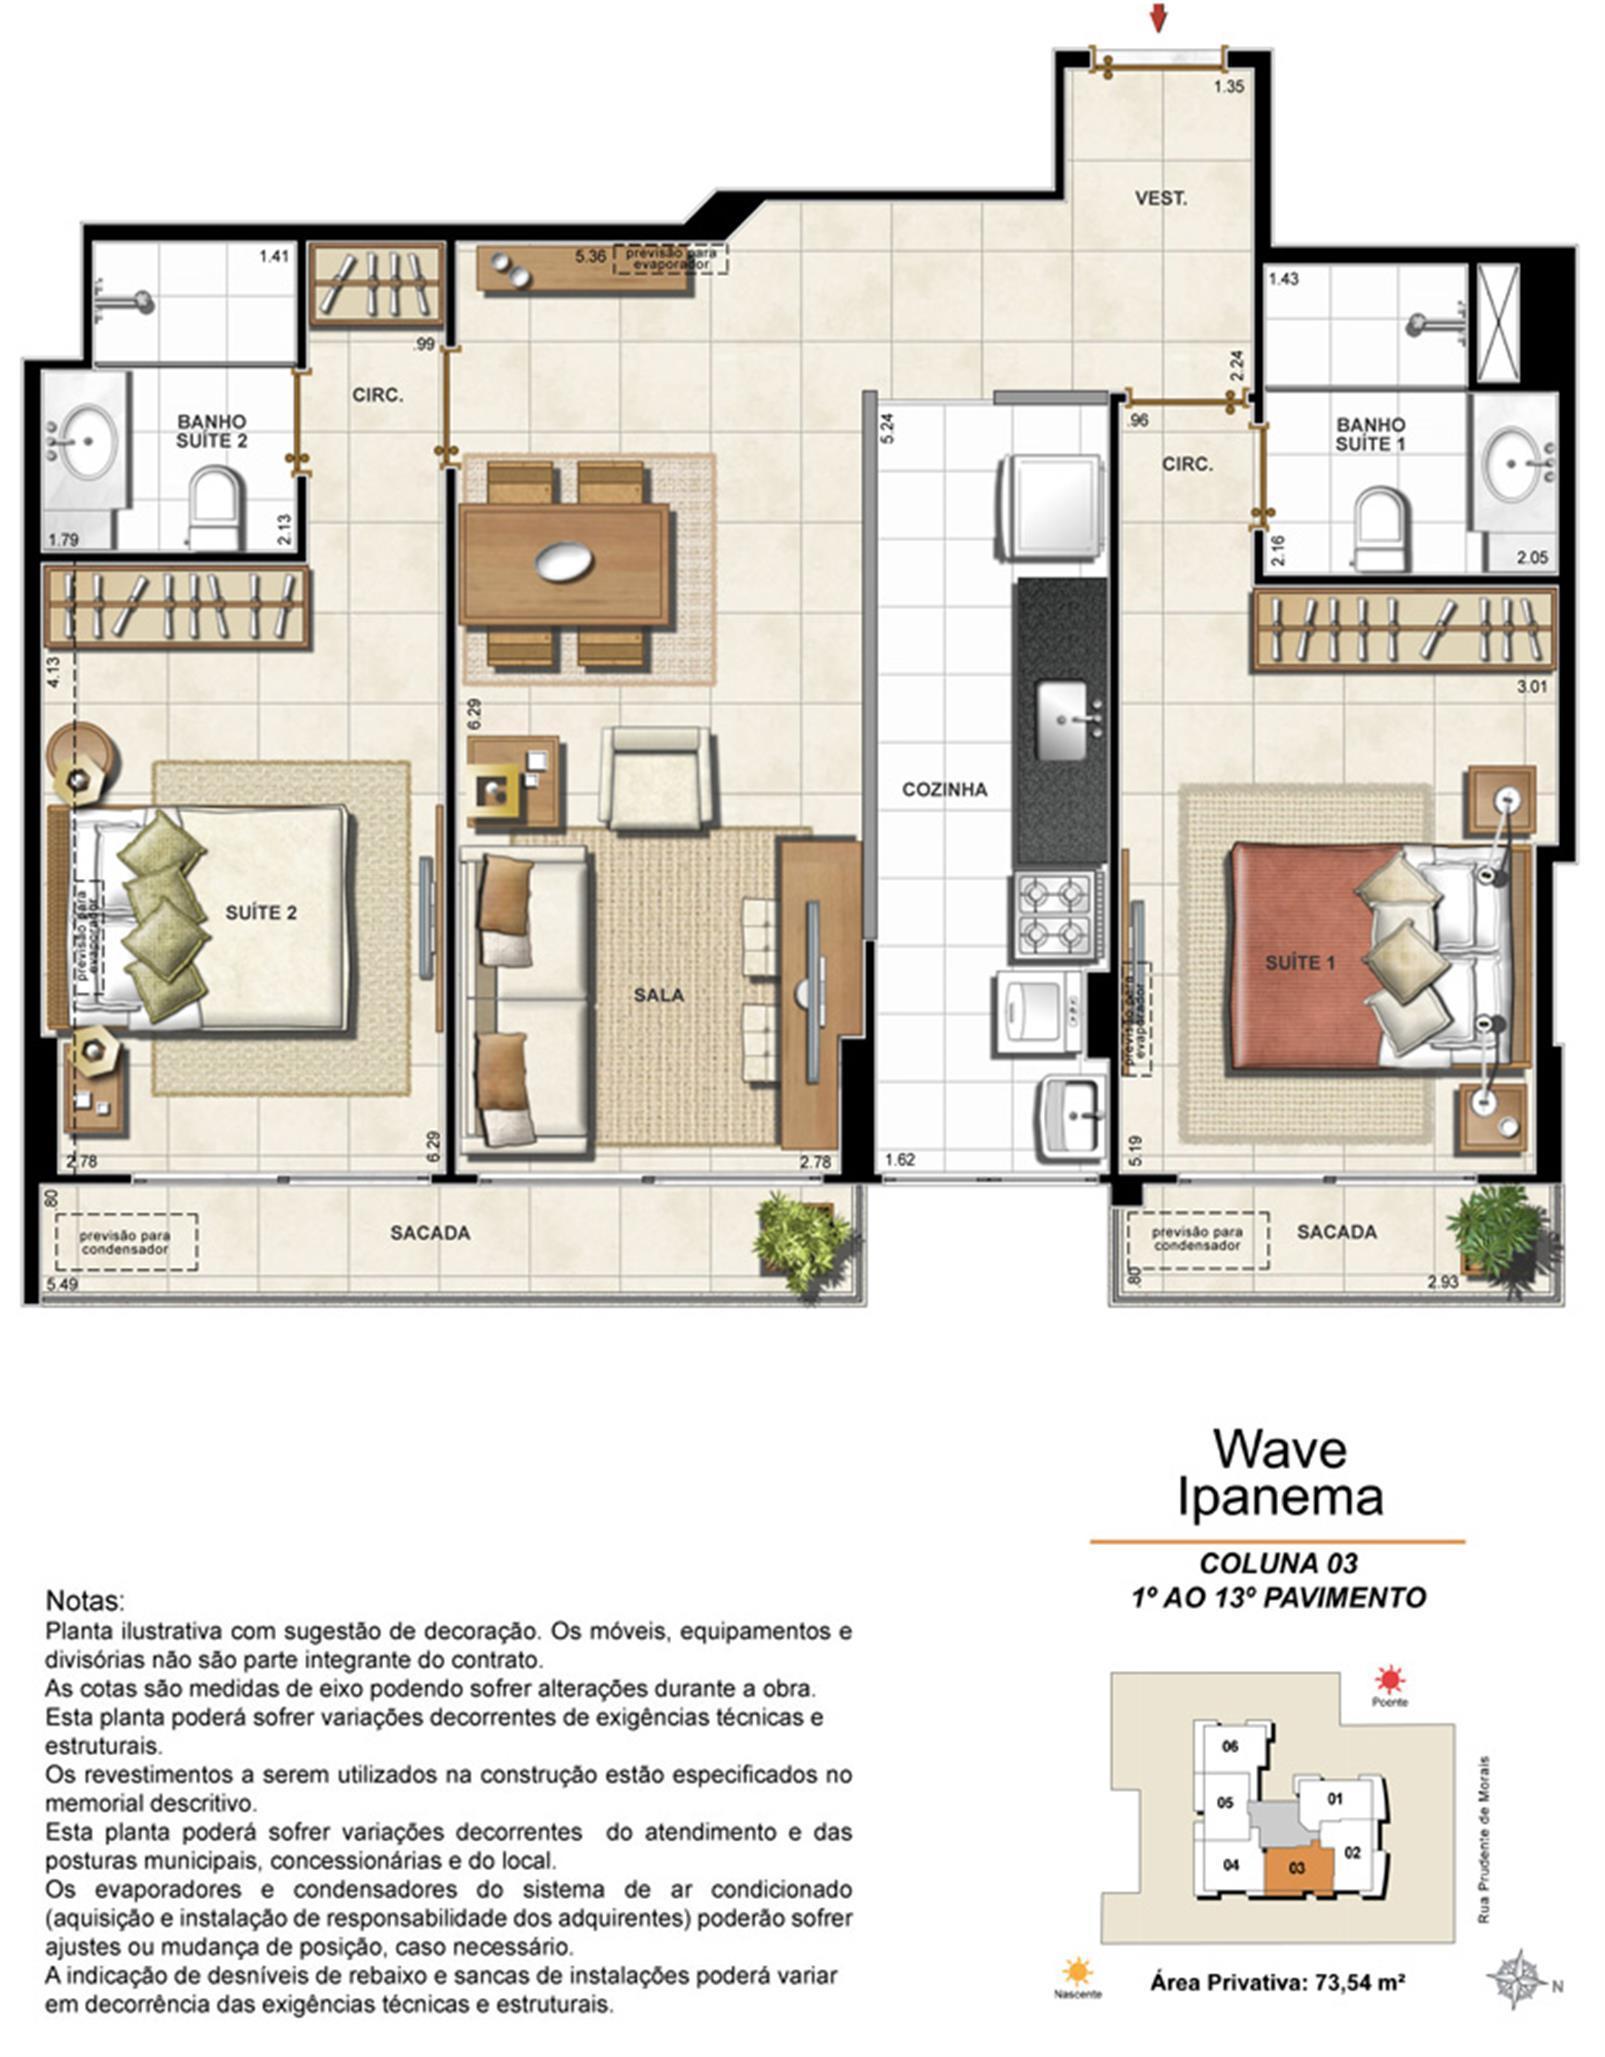 Apartamento Tipo Coluna 03 - 1º ao 13º Pavimento | Wave Ipanema – Apartamentoem  Ipanema - Rio de Janeiro - Rio de Janeiro